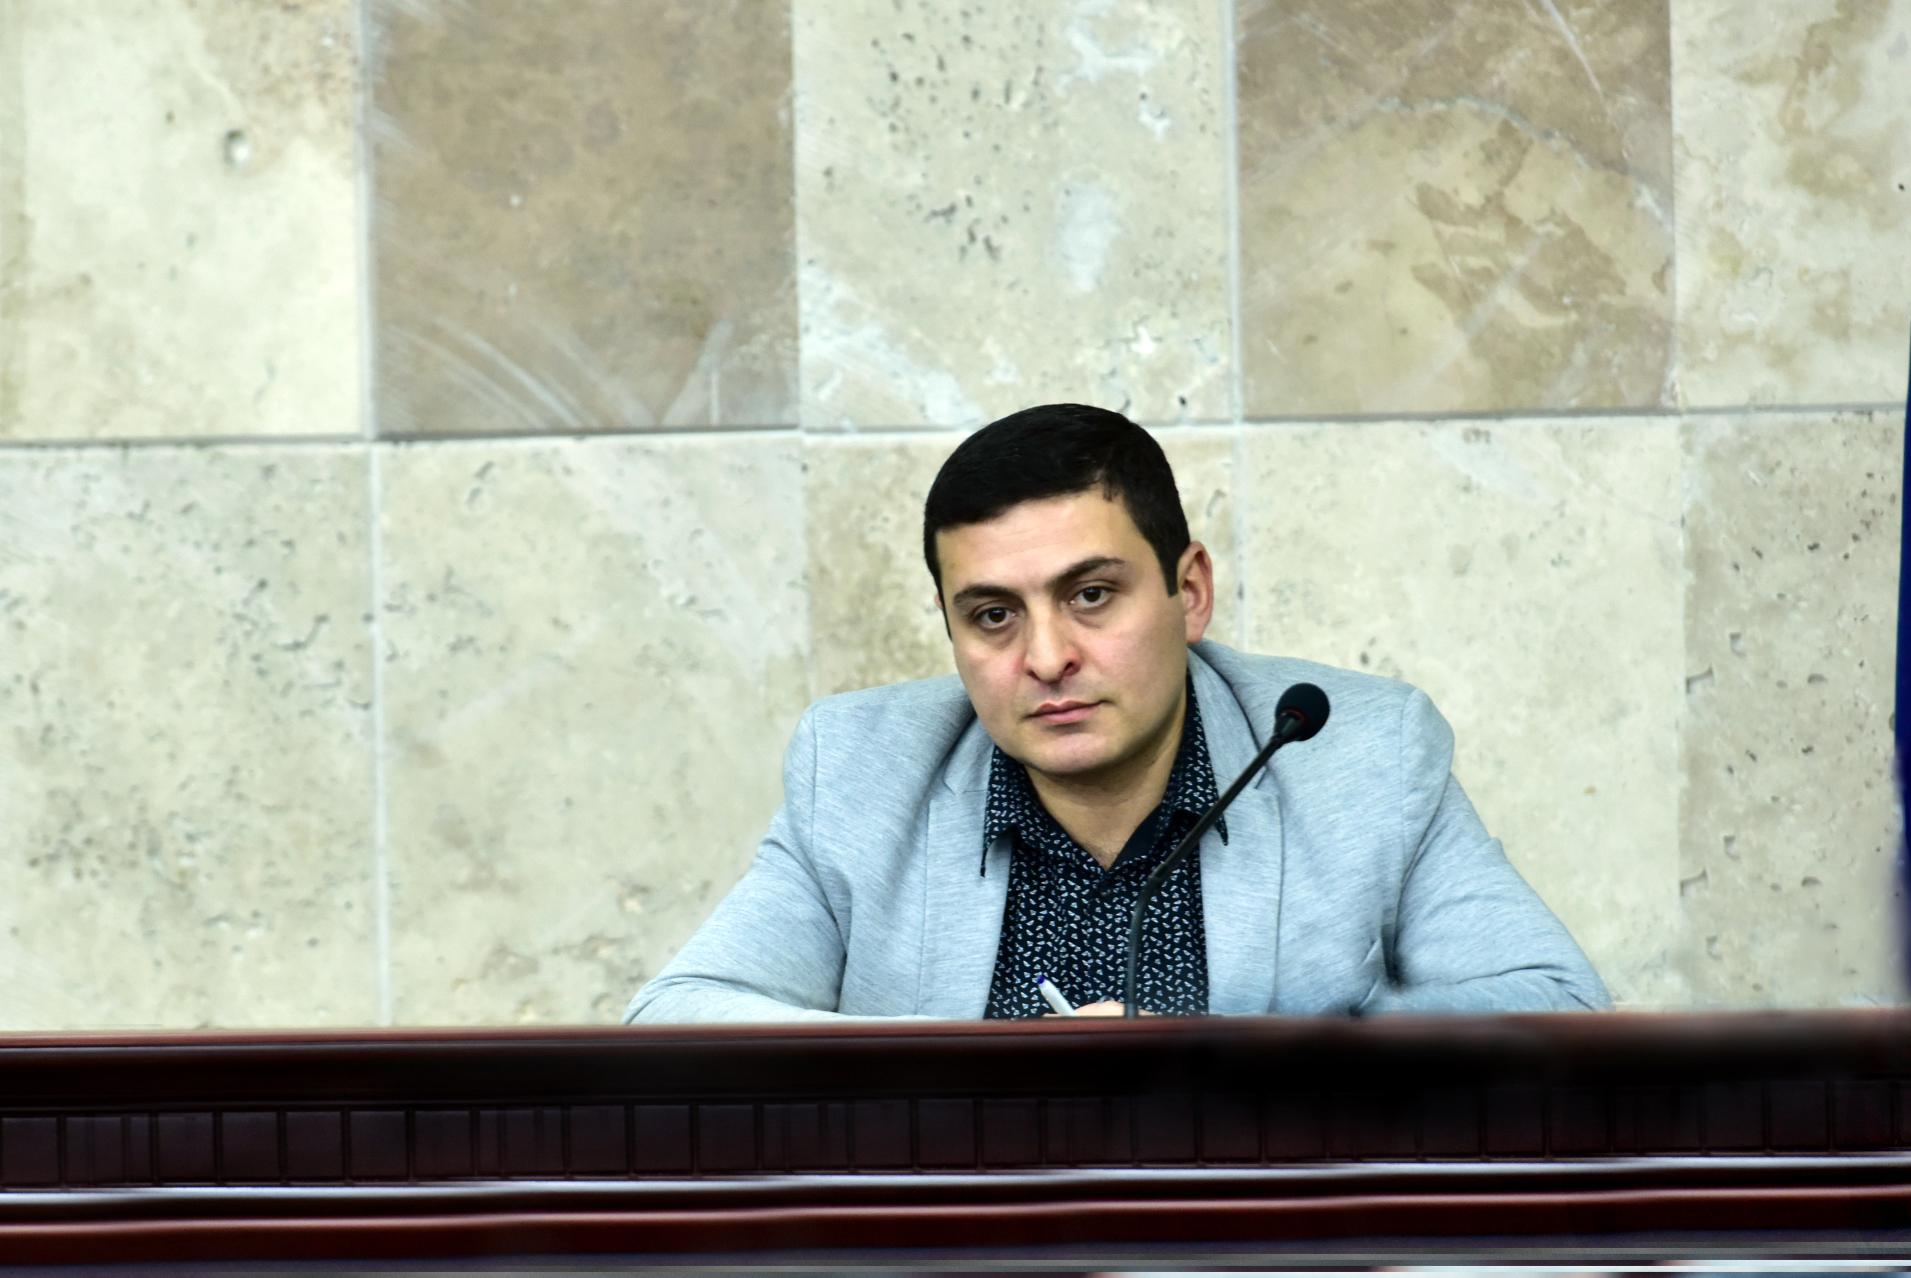 Photo of ԵՊՀ ուսումնական աշխատանքների գծով պրոռեկտոր է նշանակվել Մենուա Սողոմոնյանը